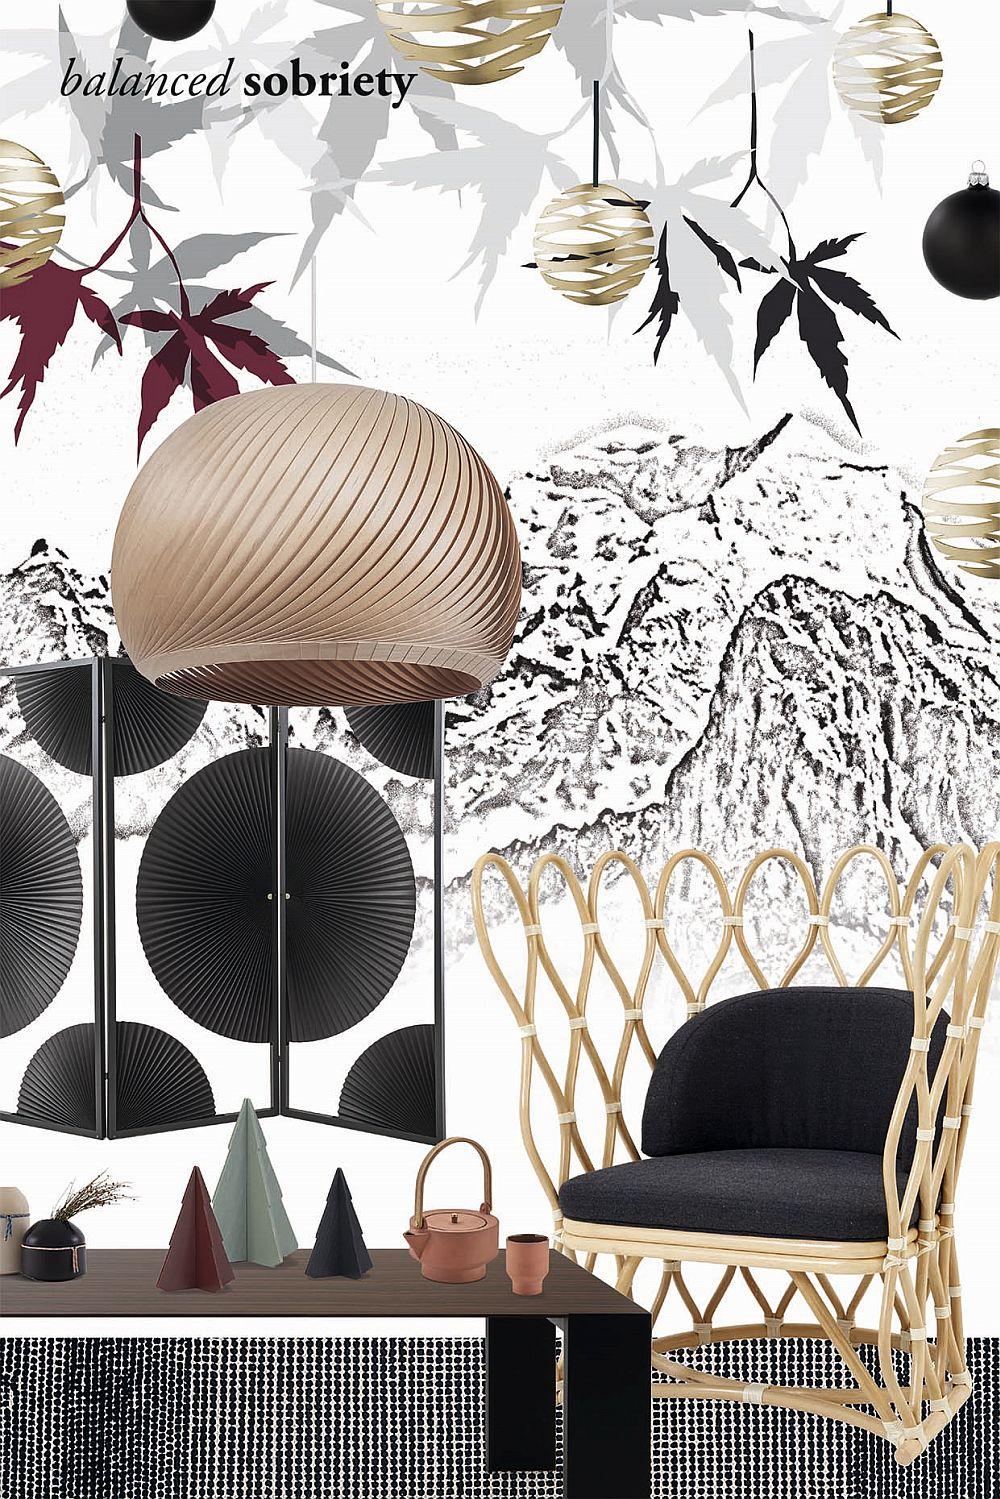 Trendul Sobrietate echilibrată este rezumat printr-un colaj aproape alb-negru, cu texturi metalice și din lemn și cu nuanțe potolite ca și accent din zona de turcoaz și arămiu. Un trend care vorbește despre liniște, meditație, naturalețe.